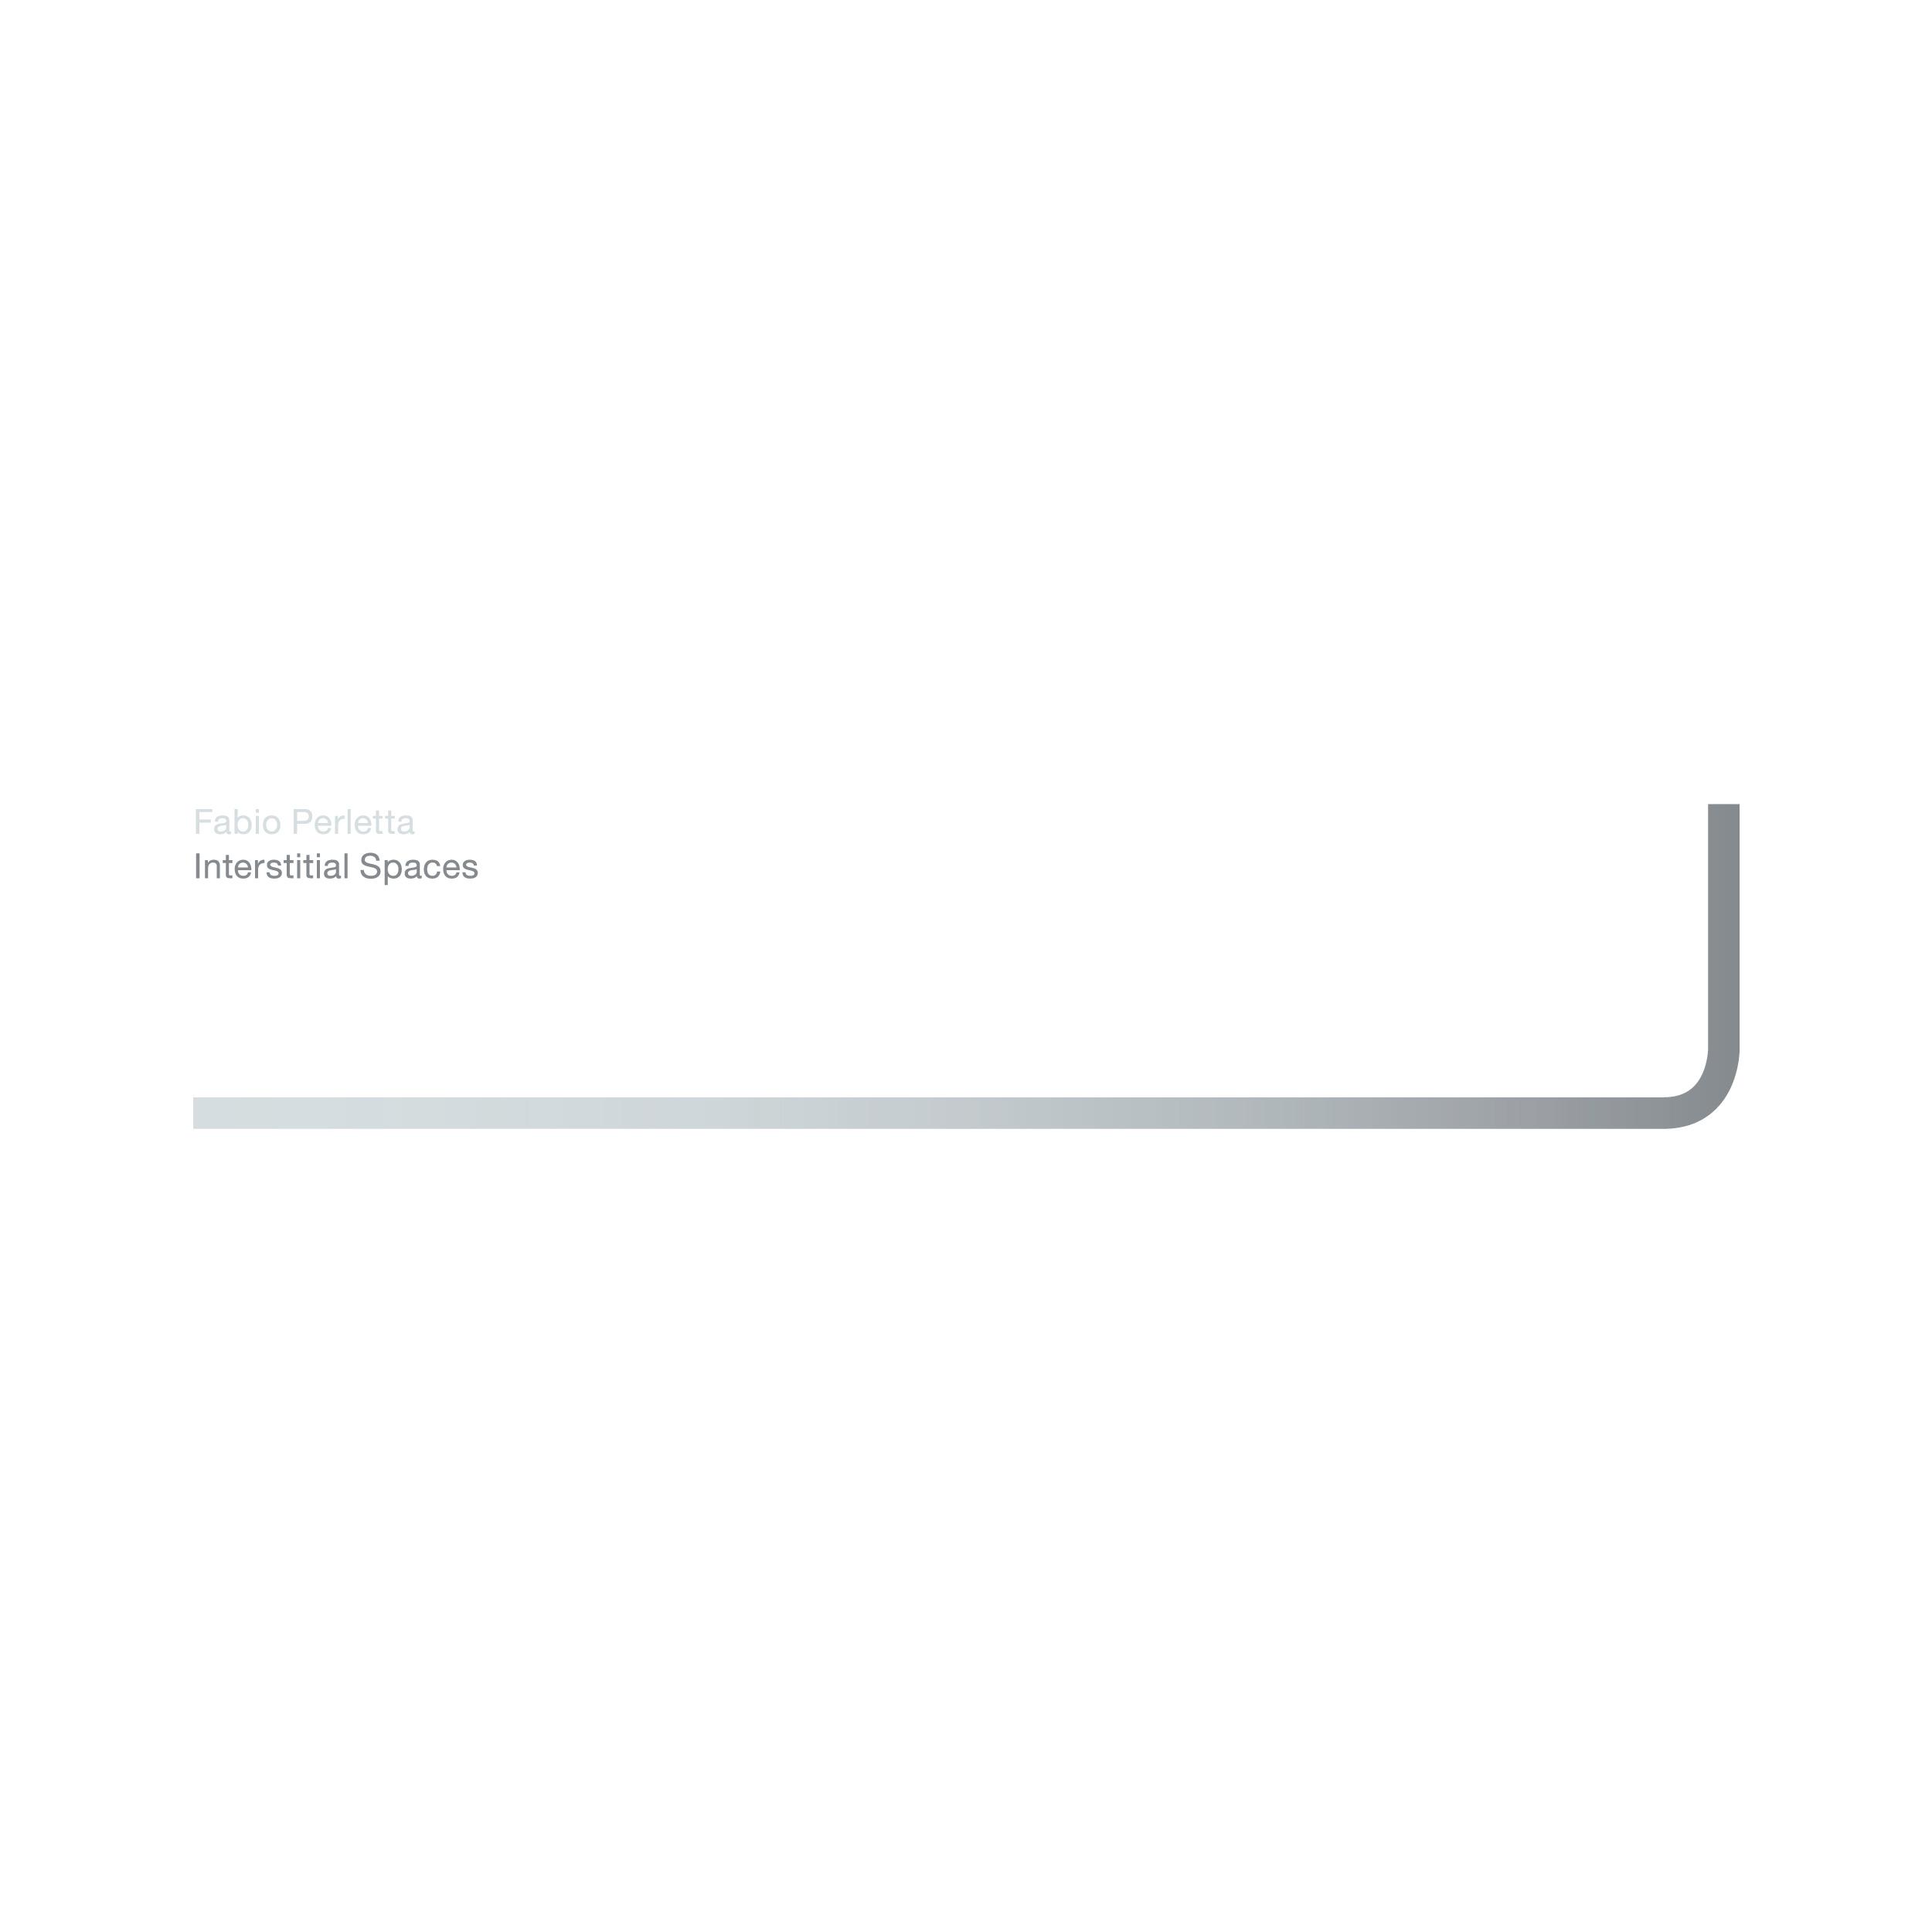 Fabio Perletta — Interstitial Spaces